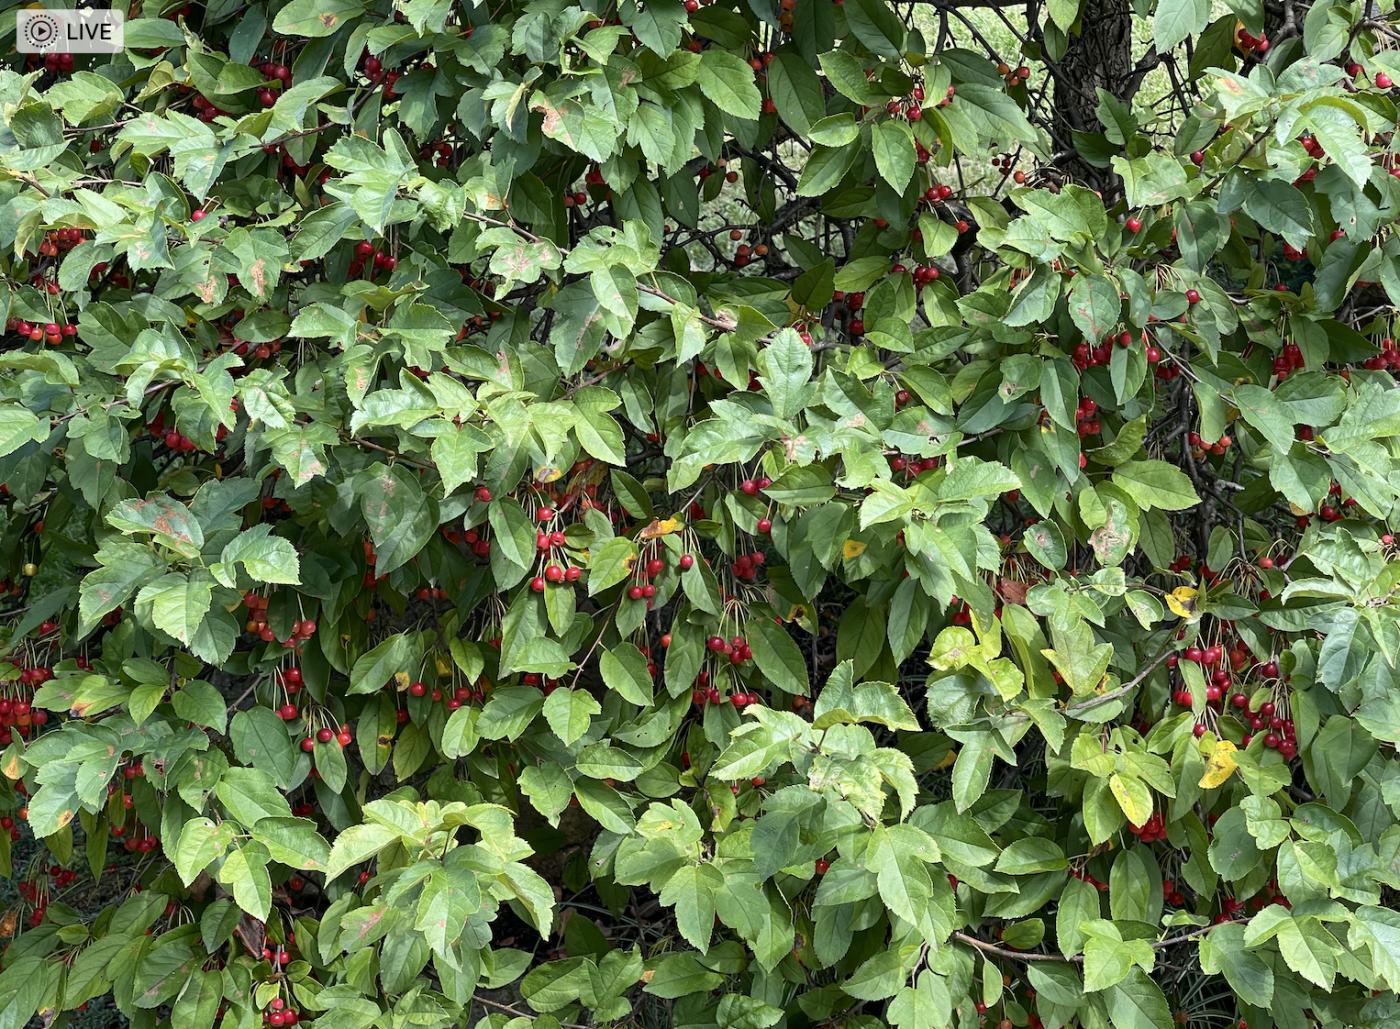 野花、家花、乐高花、苹果干、小龙_图1-9